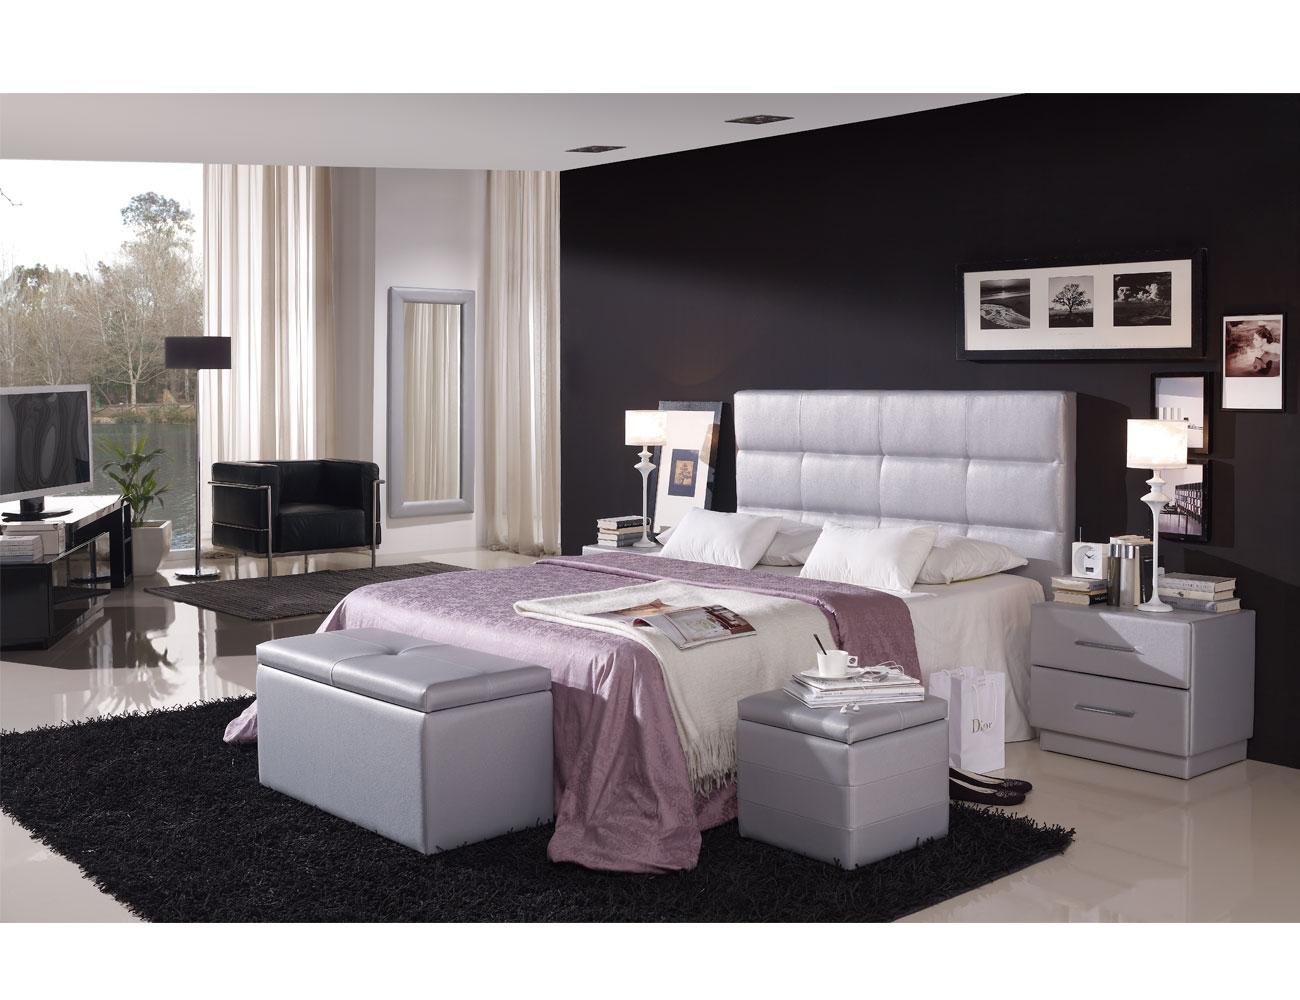 23 marco tapizado dormitorio98